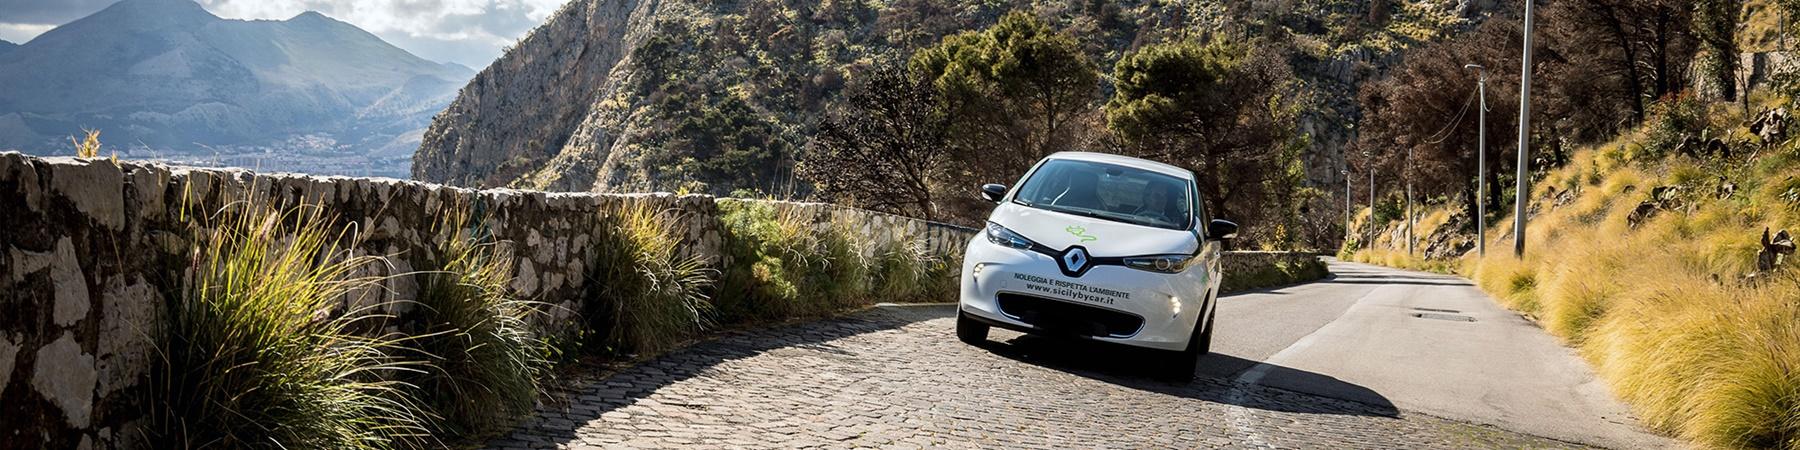 Renault Zoe 41kWh 255 km actieradius